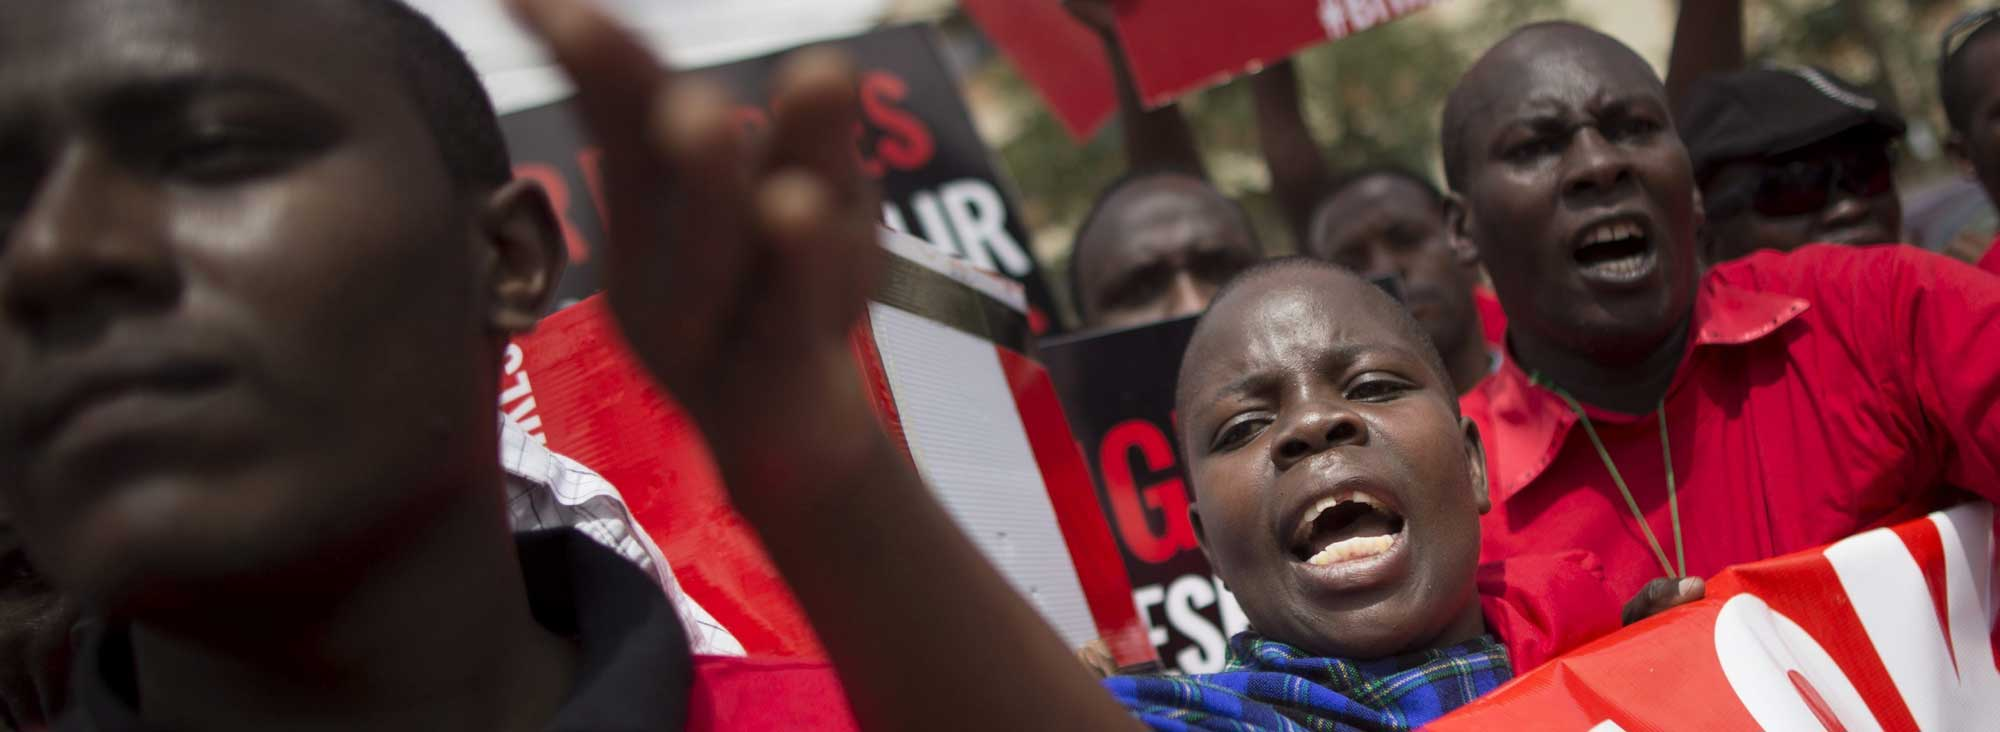 #BringOurGirlsBack es el 'hashtag' que se popularizó en redes y que ha producido un remezón mundial. Incluso Michelle Obama apareció en Twitter con él. Foto: AFP